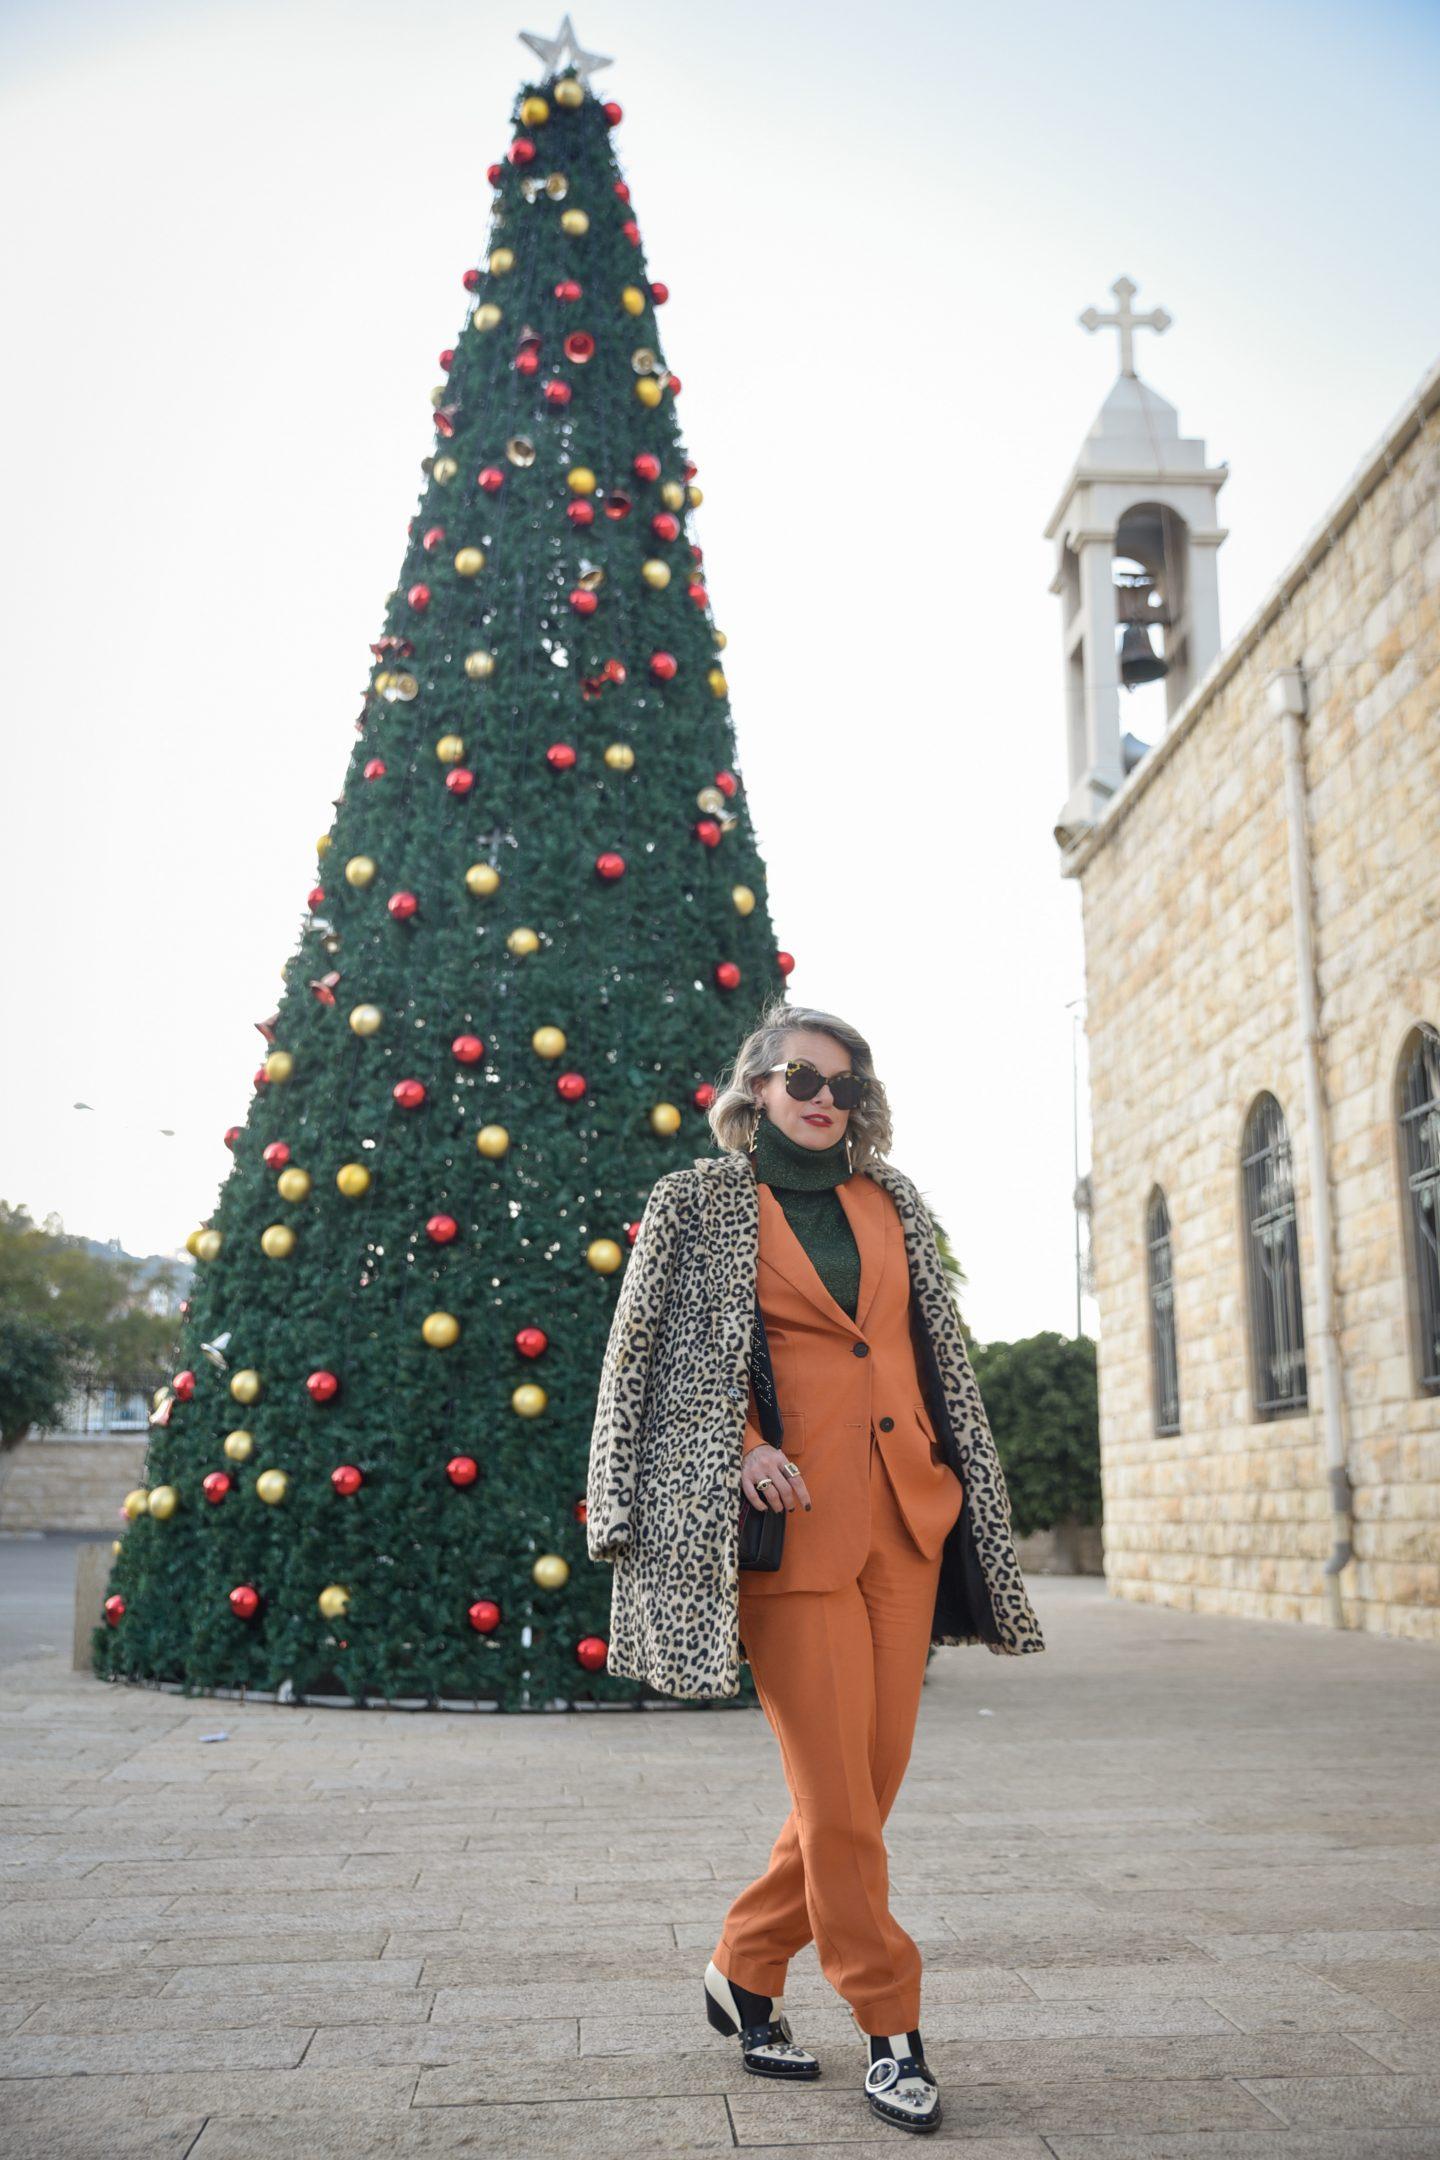 החג של החגים חיפה שירי ויצנר5